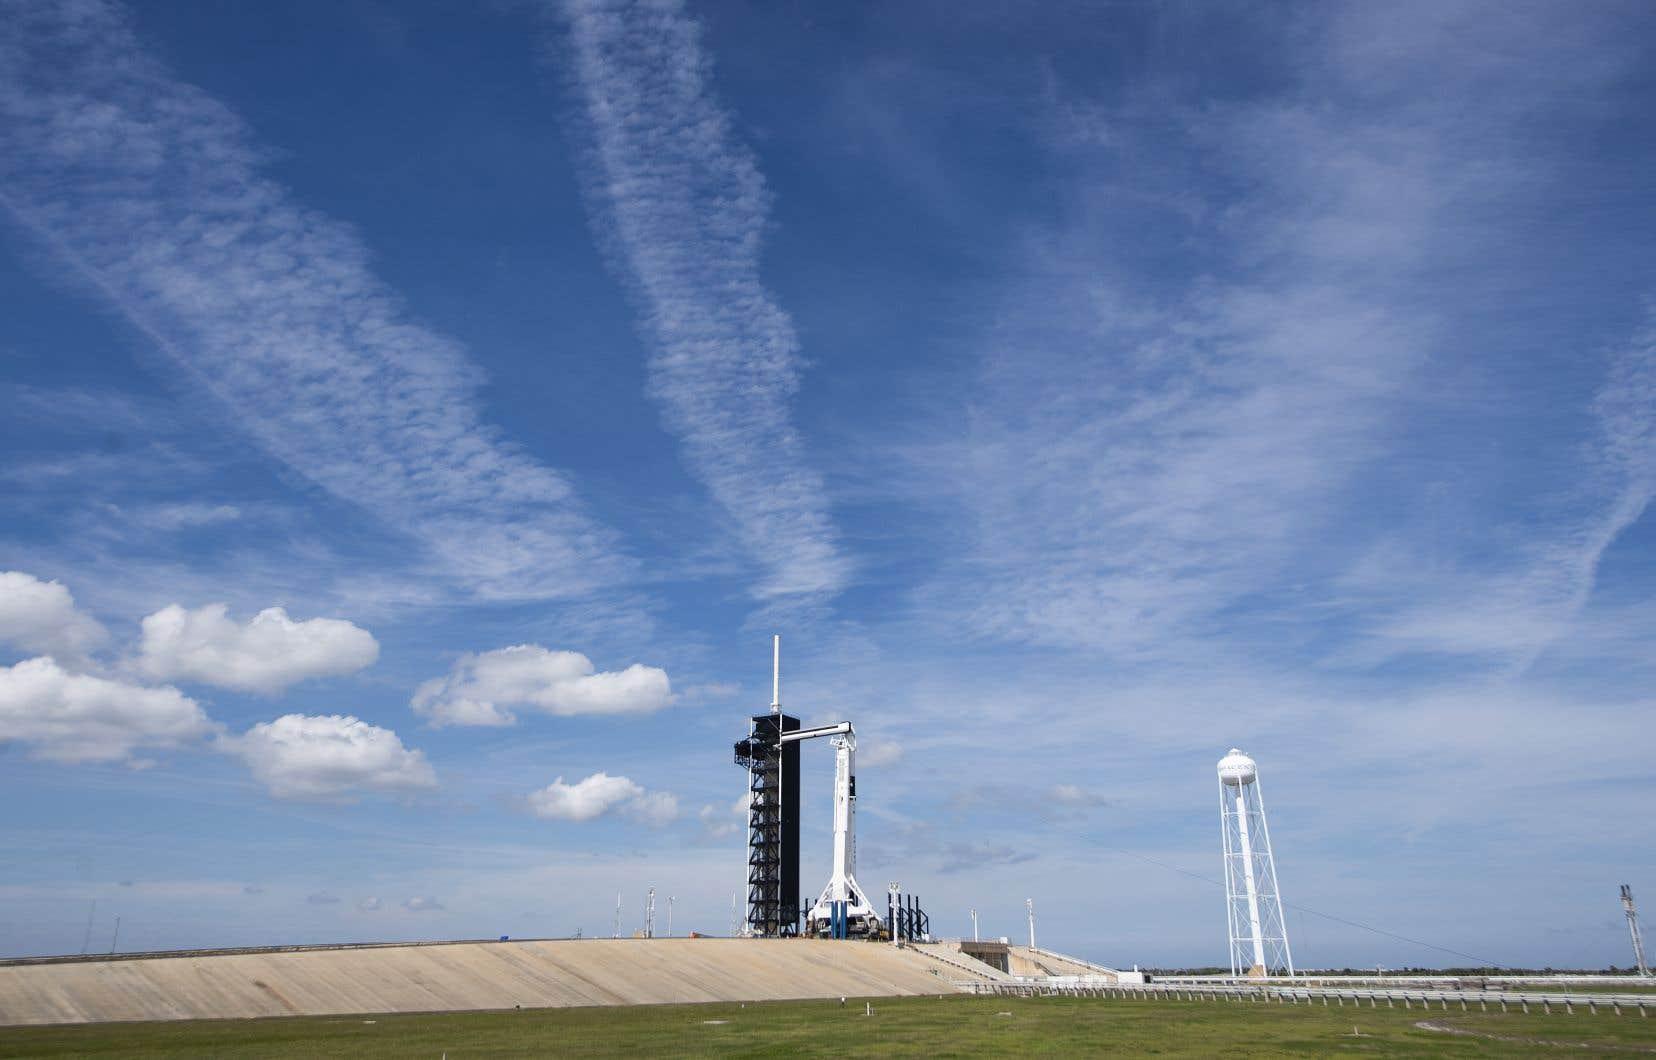 La fusée transportant la capsule <em>Crew Dragon</em> a été placée jeudi sur le pas de tir mythique d'où sont parties toutes les missions Apollo pour la Lune.